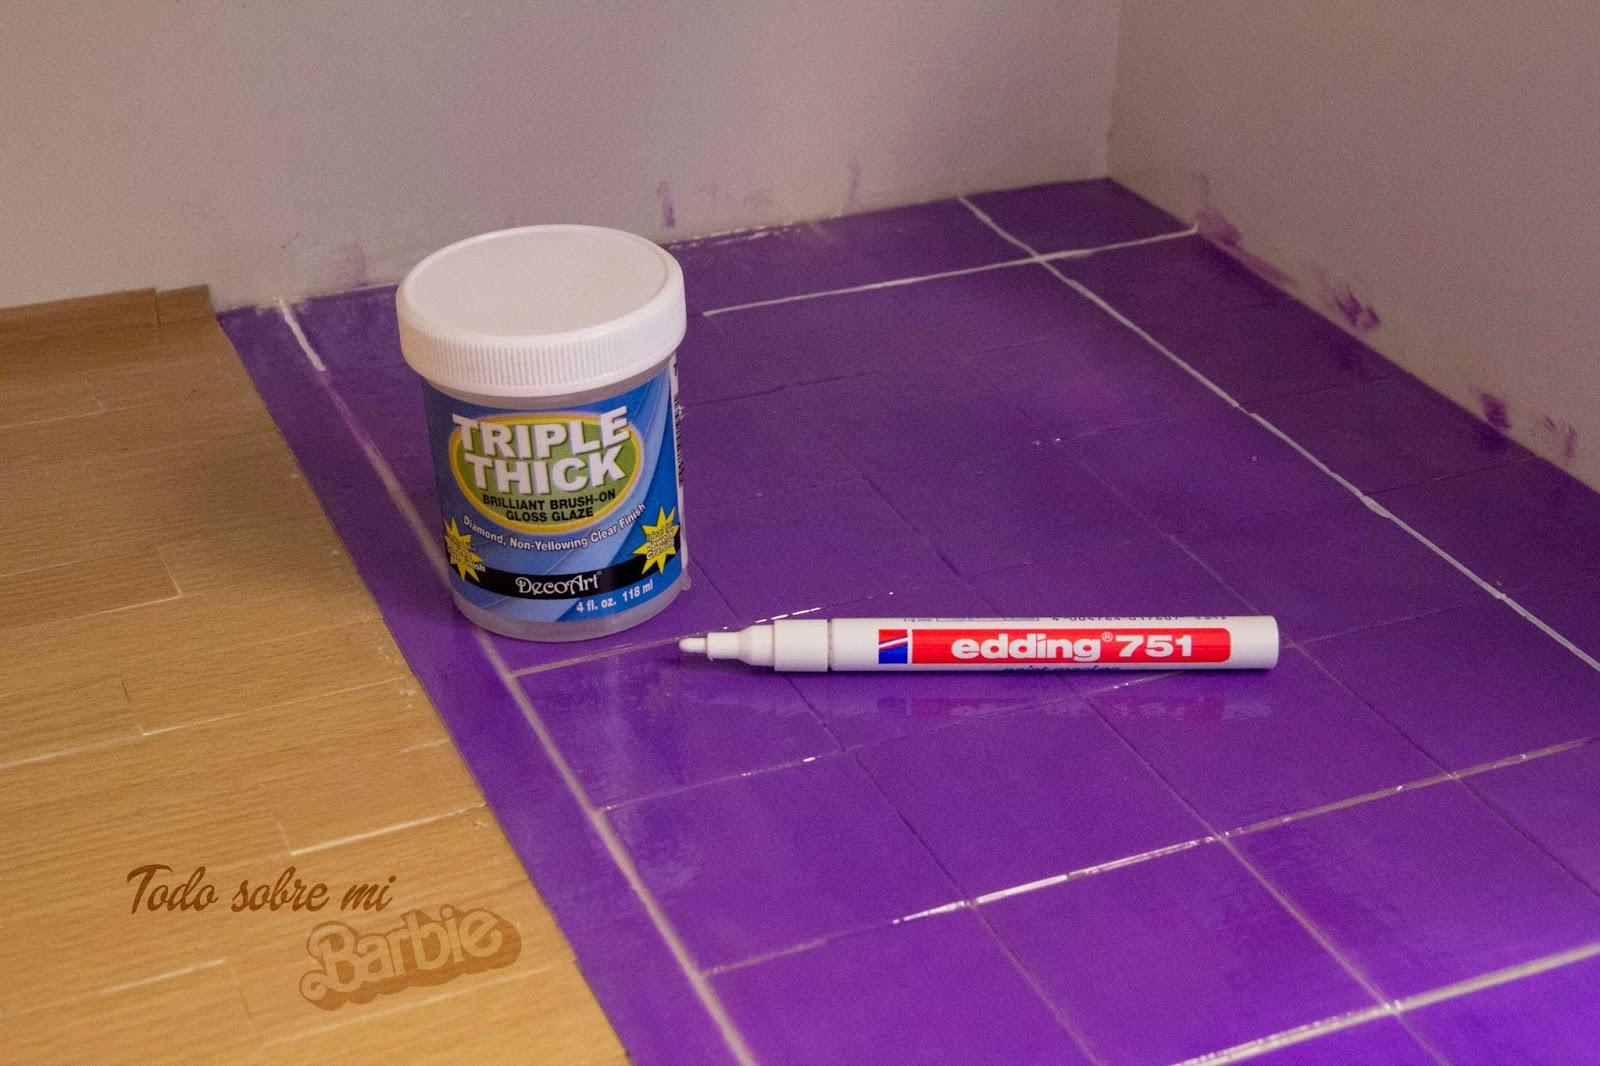 Todo sobre mi barbie suelo azulejo for Pintar suelo ceramico